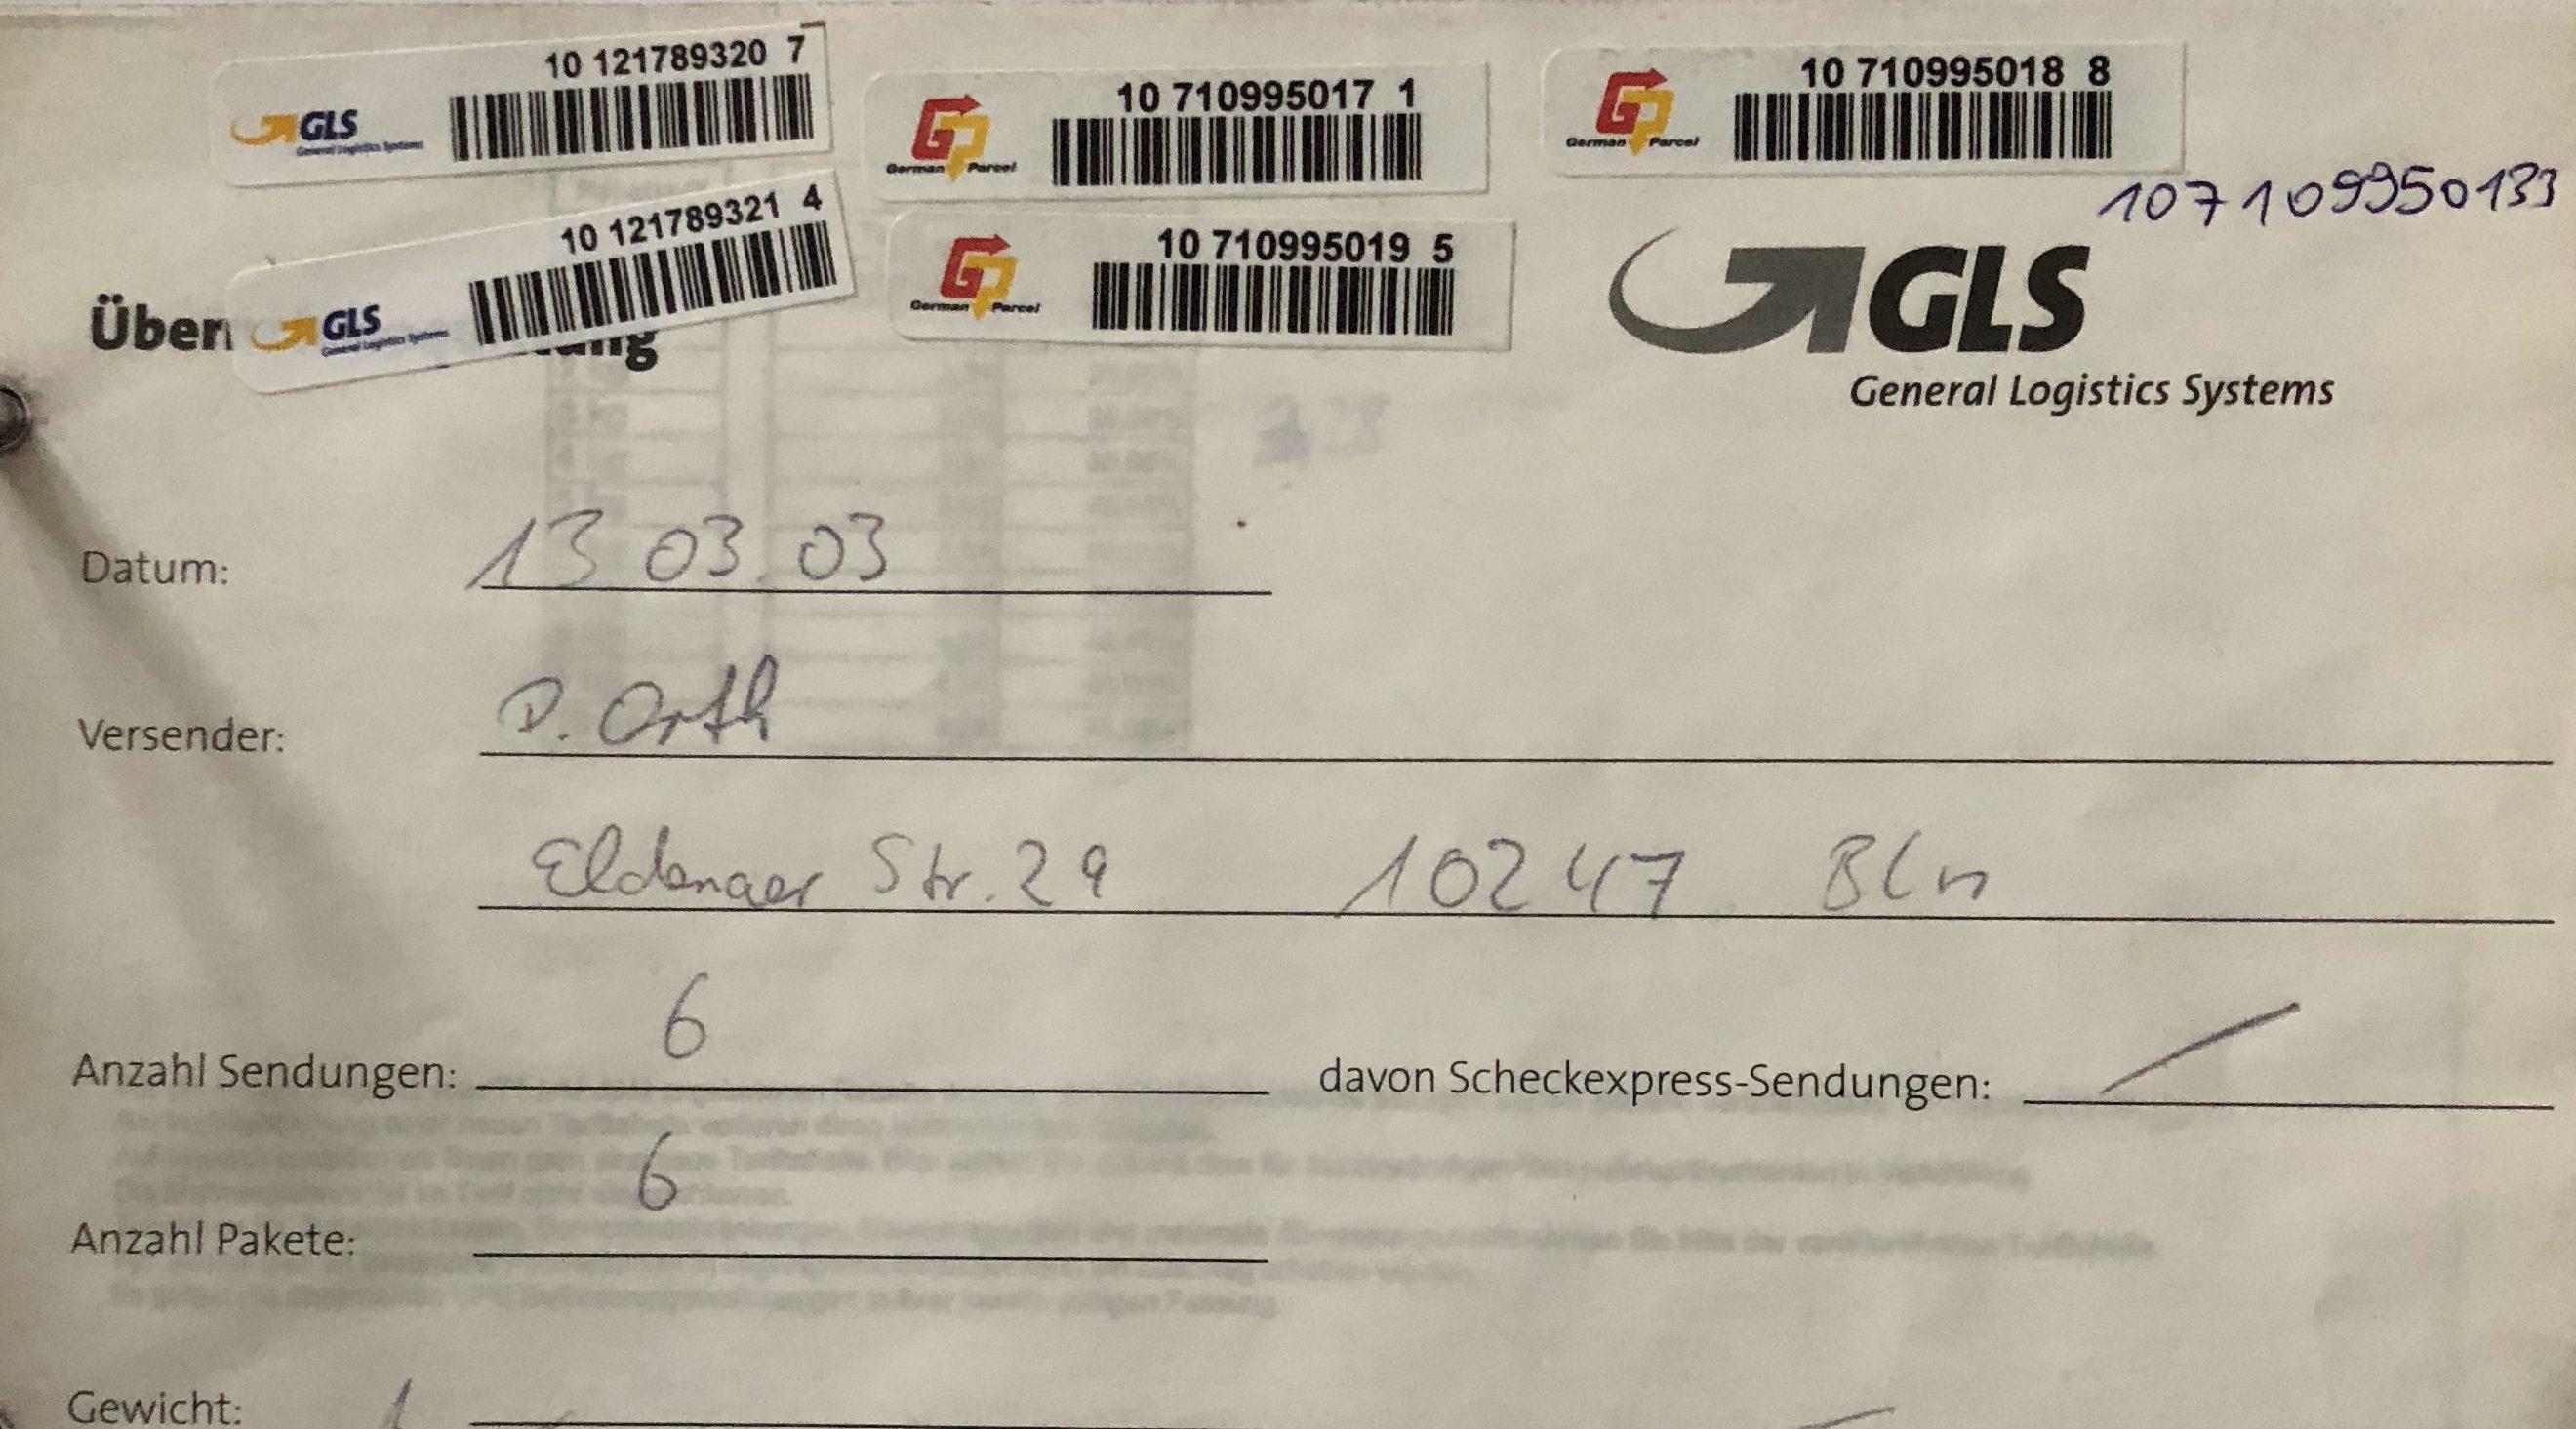 Die erste Abholung mit GLS war am 13. März 2003. Es waren 6 Pakete.